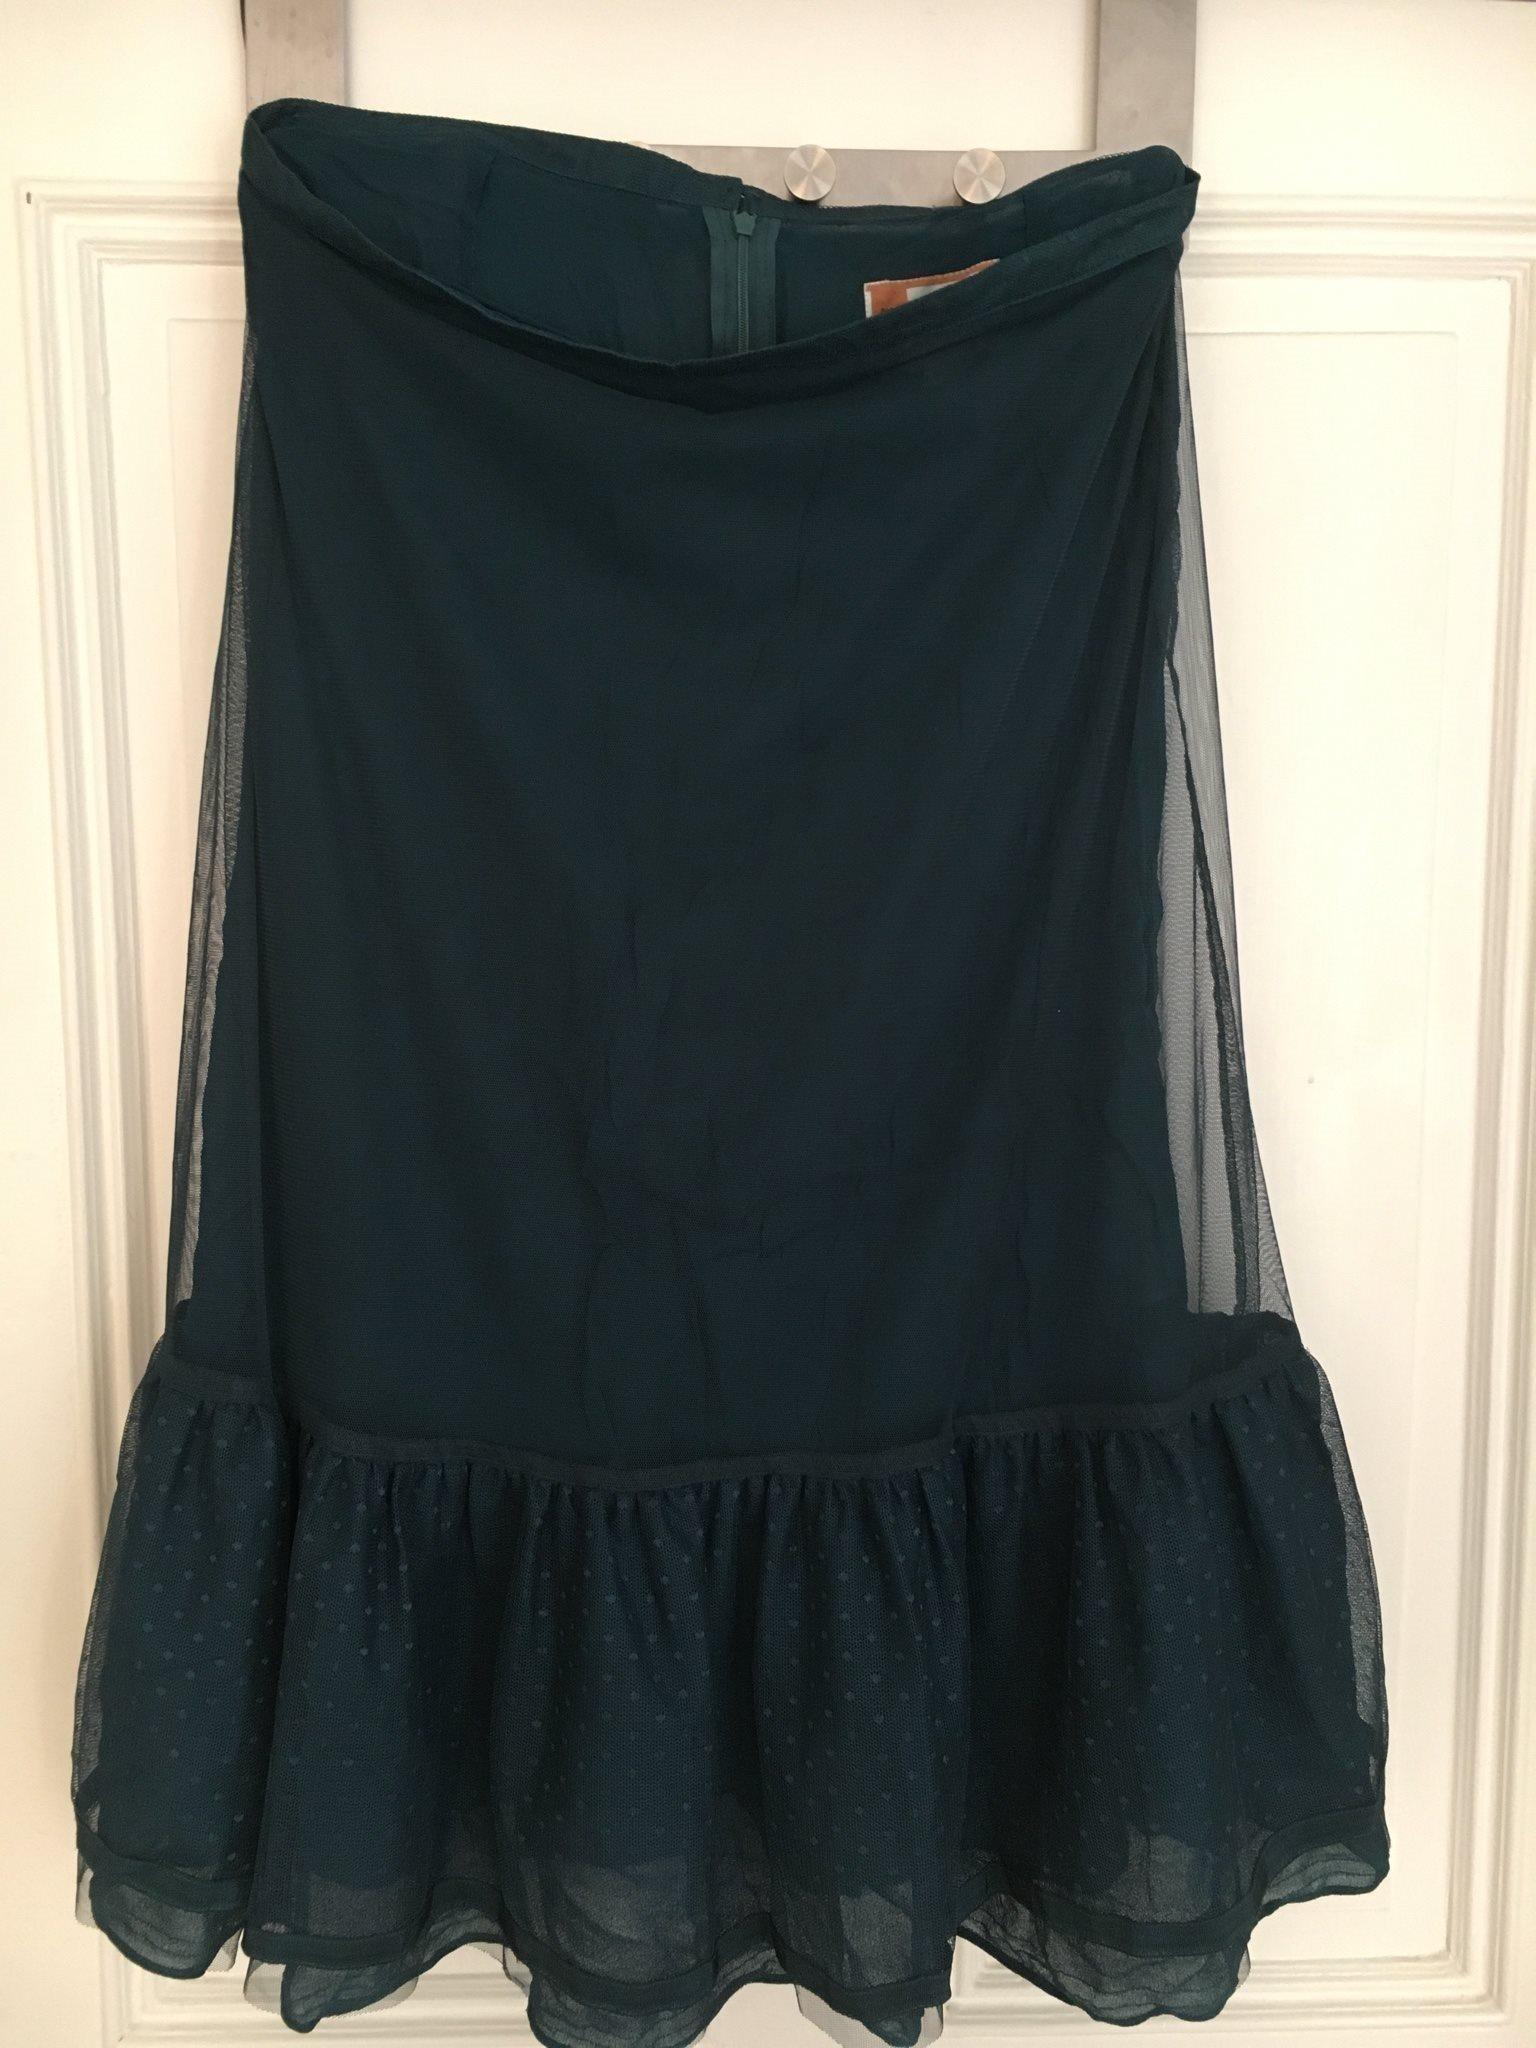 2 st kjolar Noa Noa och Share female stl L (340608997) ᐈ Köp på Tradera 14c4925ce2ed0